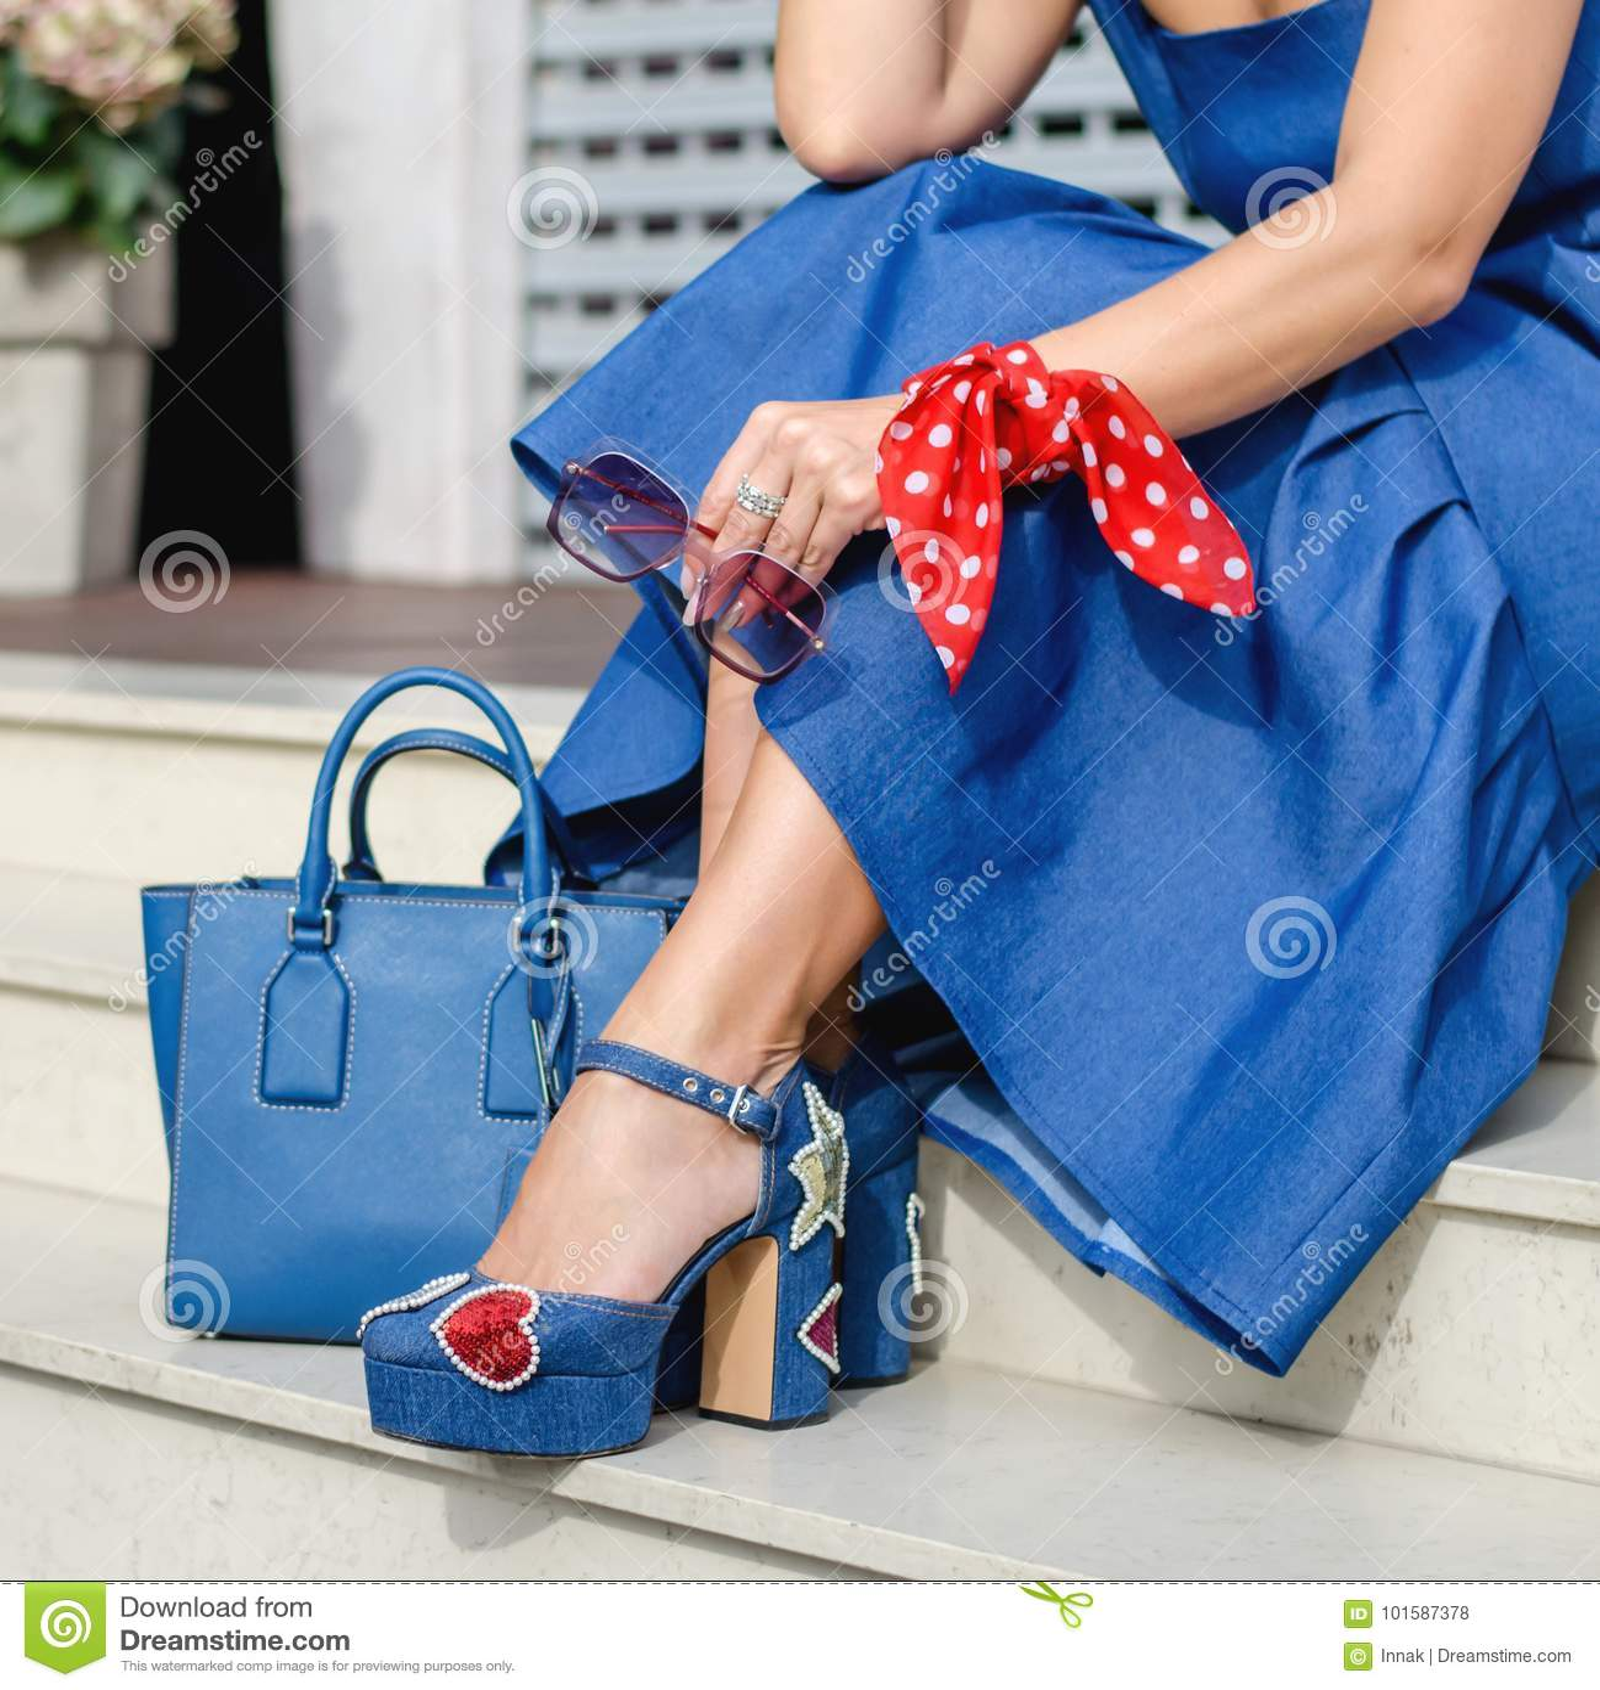 7b8c028a235 Libre de droits. Belles et à la mode chaussures sur la jambe du ` s de femmes  Accessoires élégants